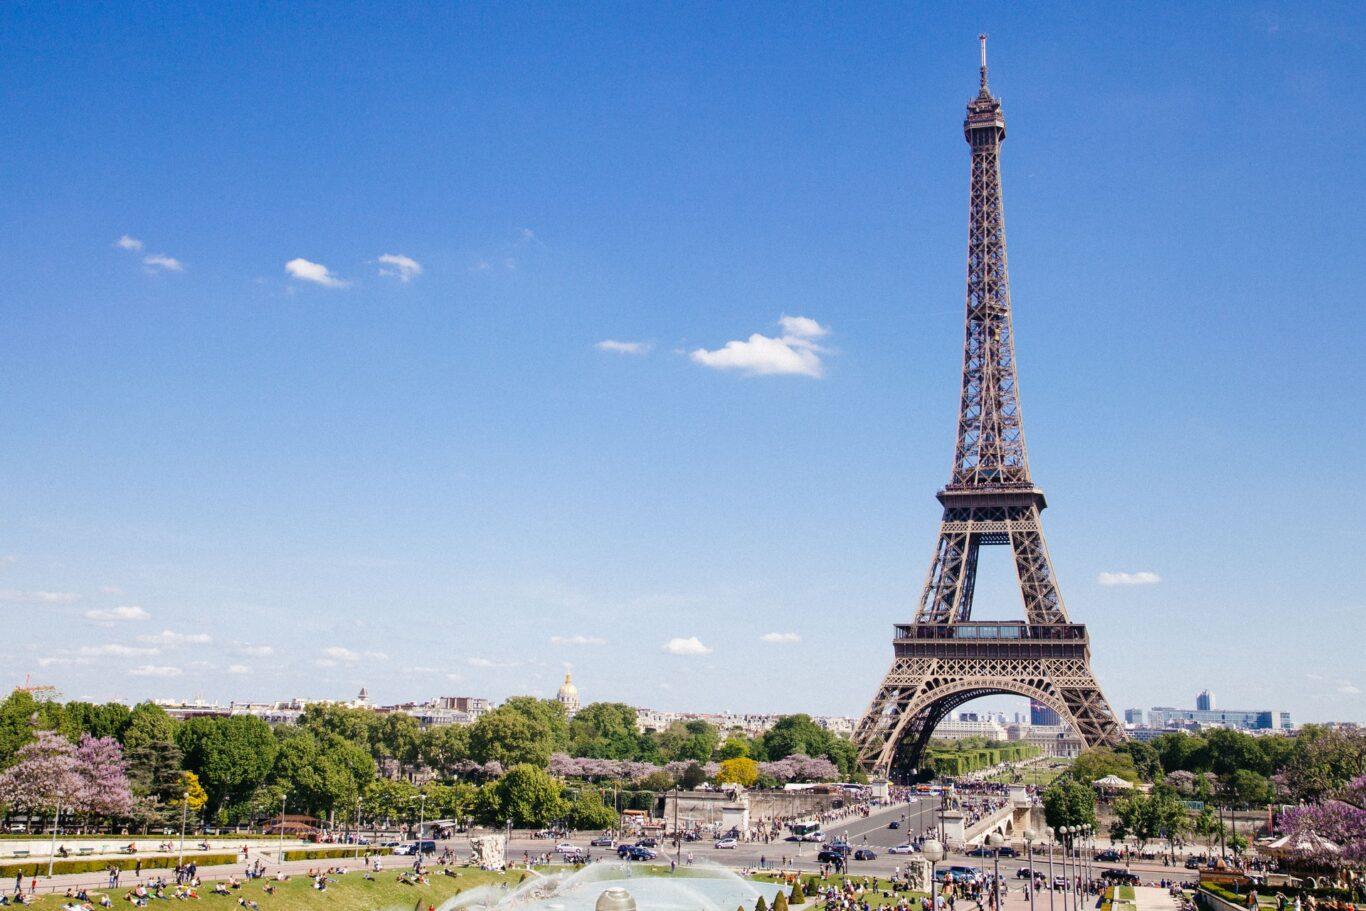 Γαμήλιο ταξίδι στο μαγευτικό Παρίσι - Γαλλία